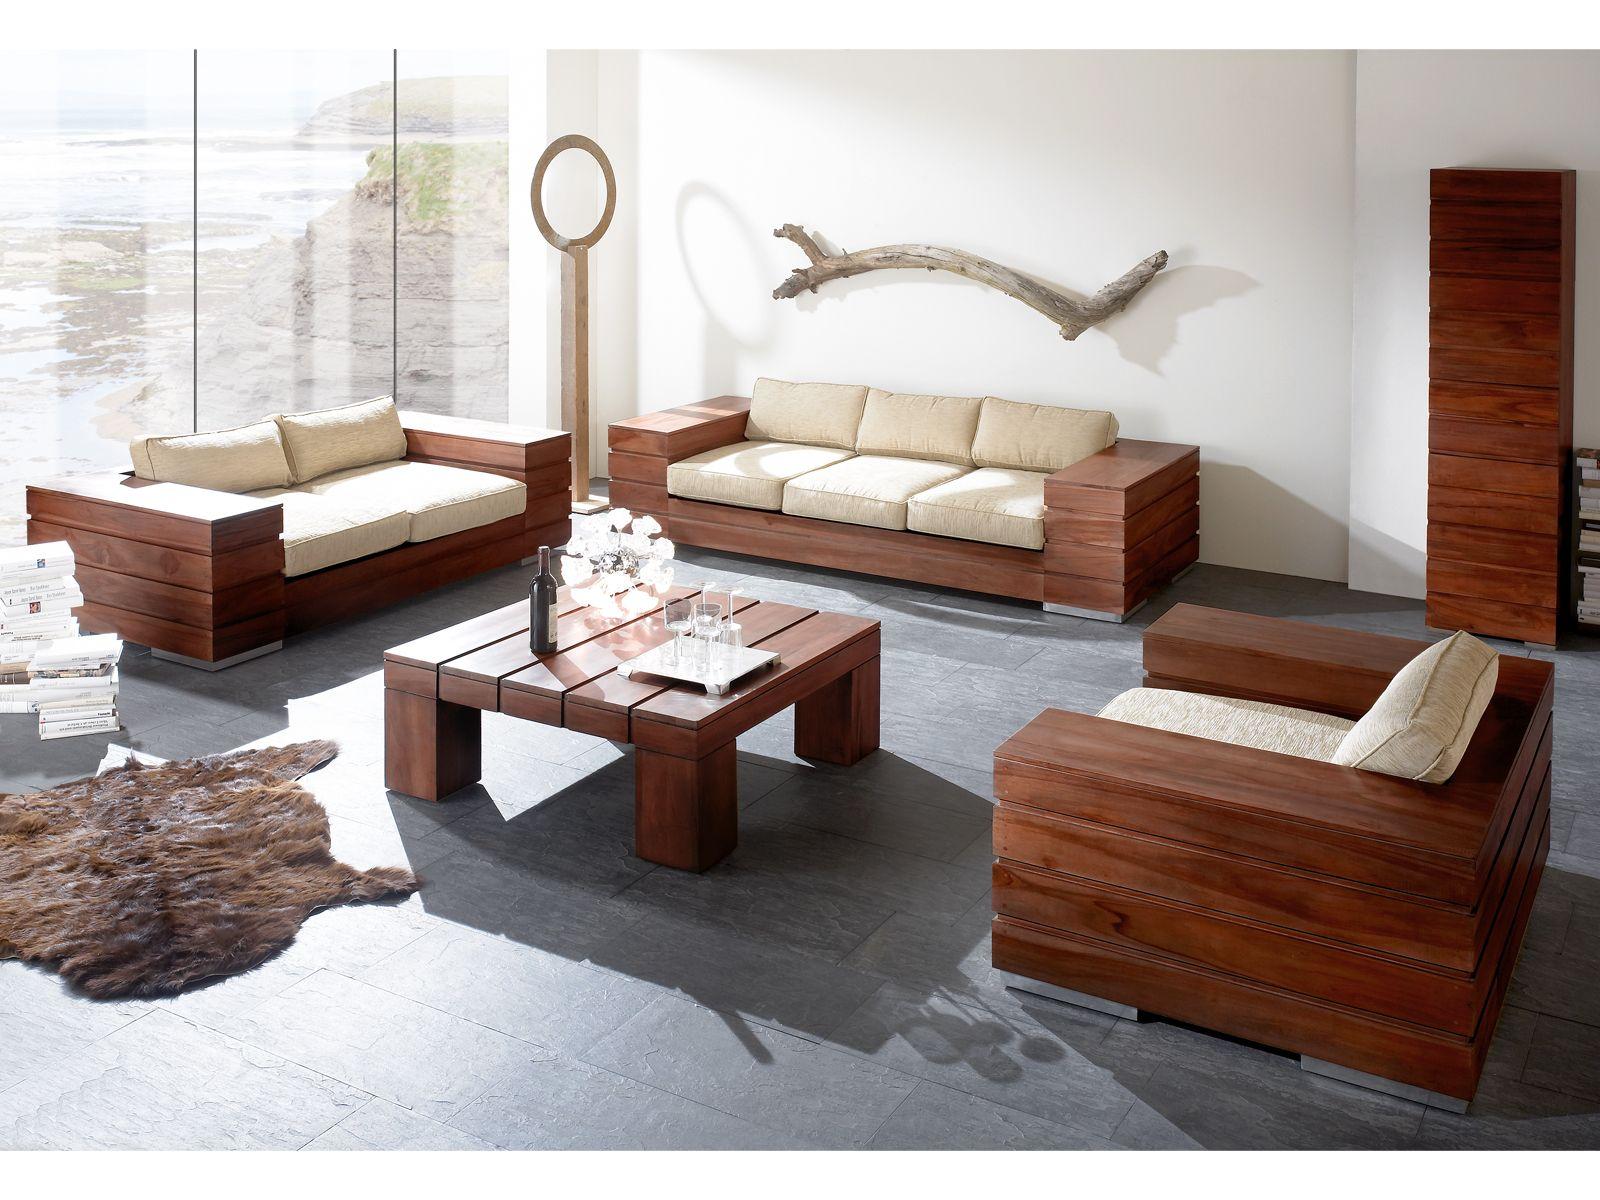 pin von massivum echtholzmobel kreative wohnideen accessoires ehrfurchtiges mobel hardeck wohnzimmer